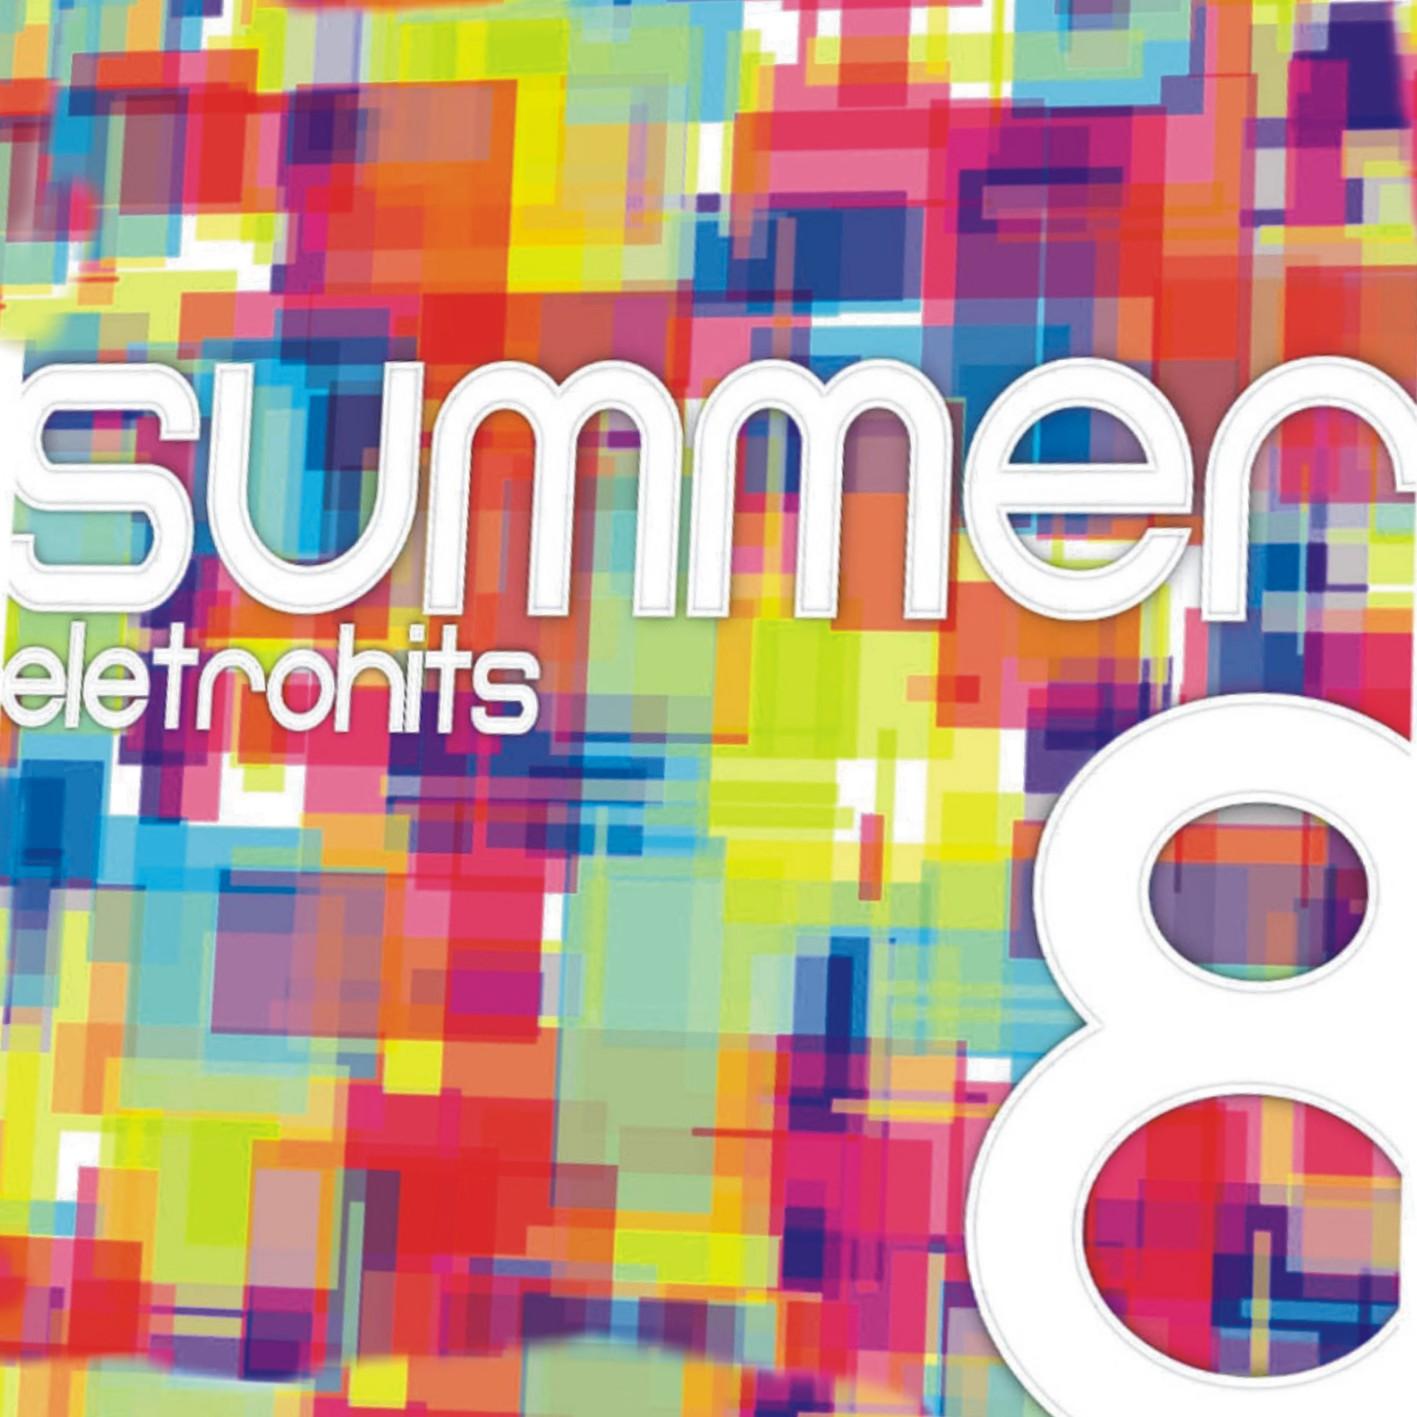 http://2.bp.blogspot.com/-w0ZU_knHpl0/TvkO7d5kZ9I/AAAAAAAACO8/qbD9mYZE0RY/s1600/Summer+Eletrohits+8.jpg